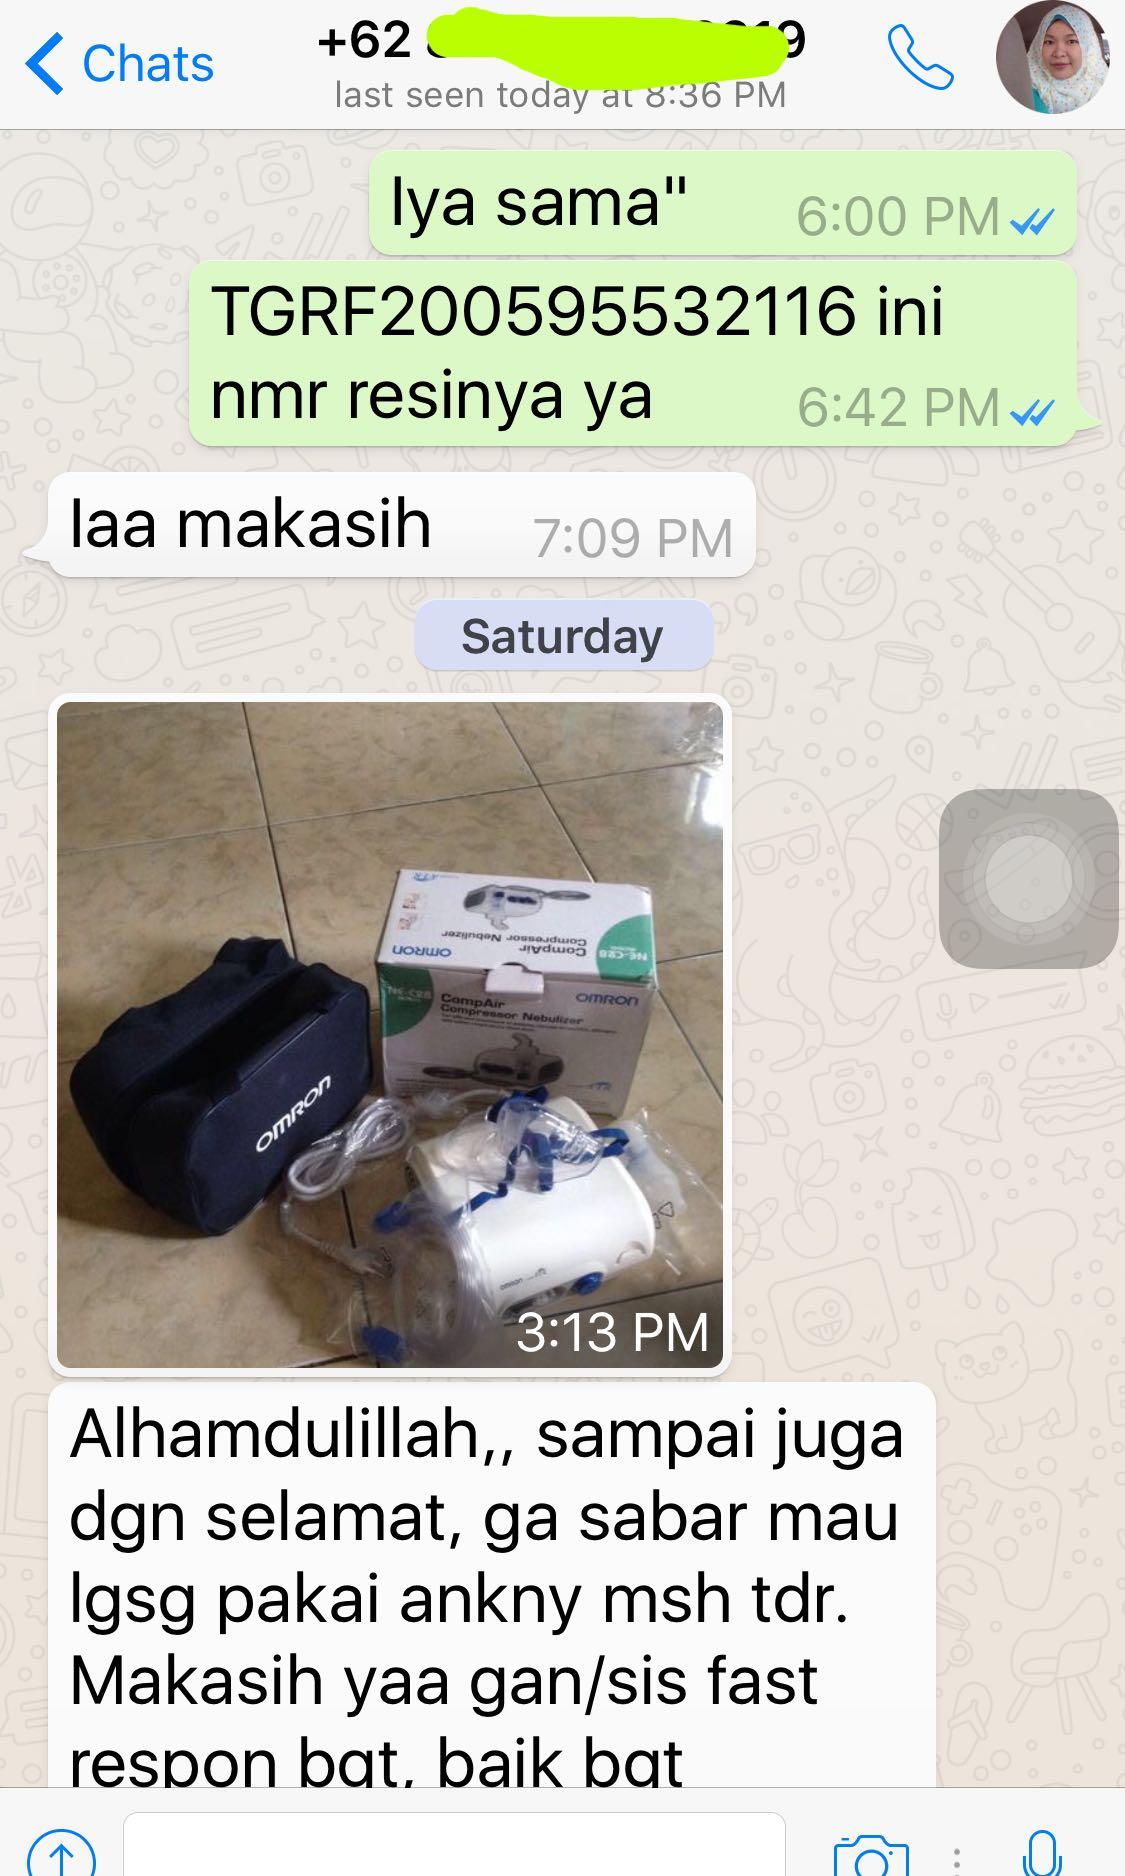 Omron Nebulizer Compressor Ne C28 Putih Daftar Harga Terbaru Garansi Resmi 2 Tahun Indonesia Source